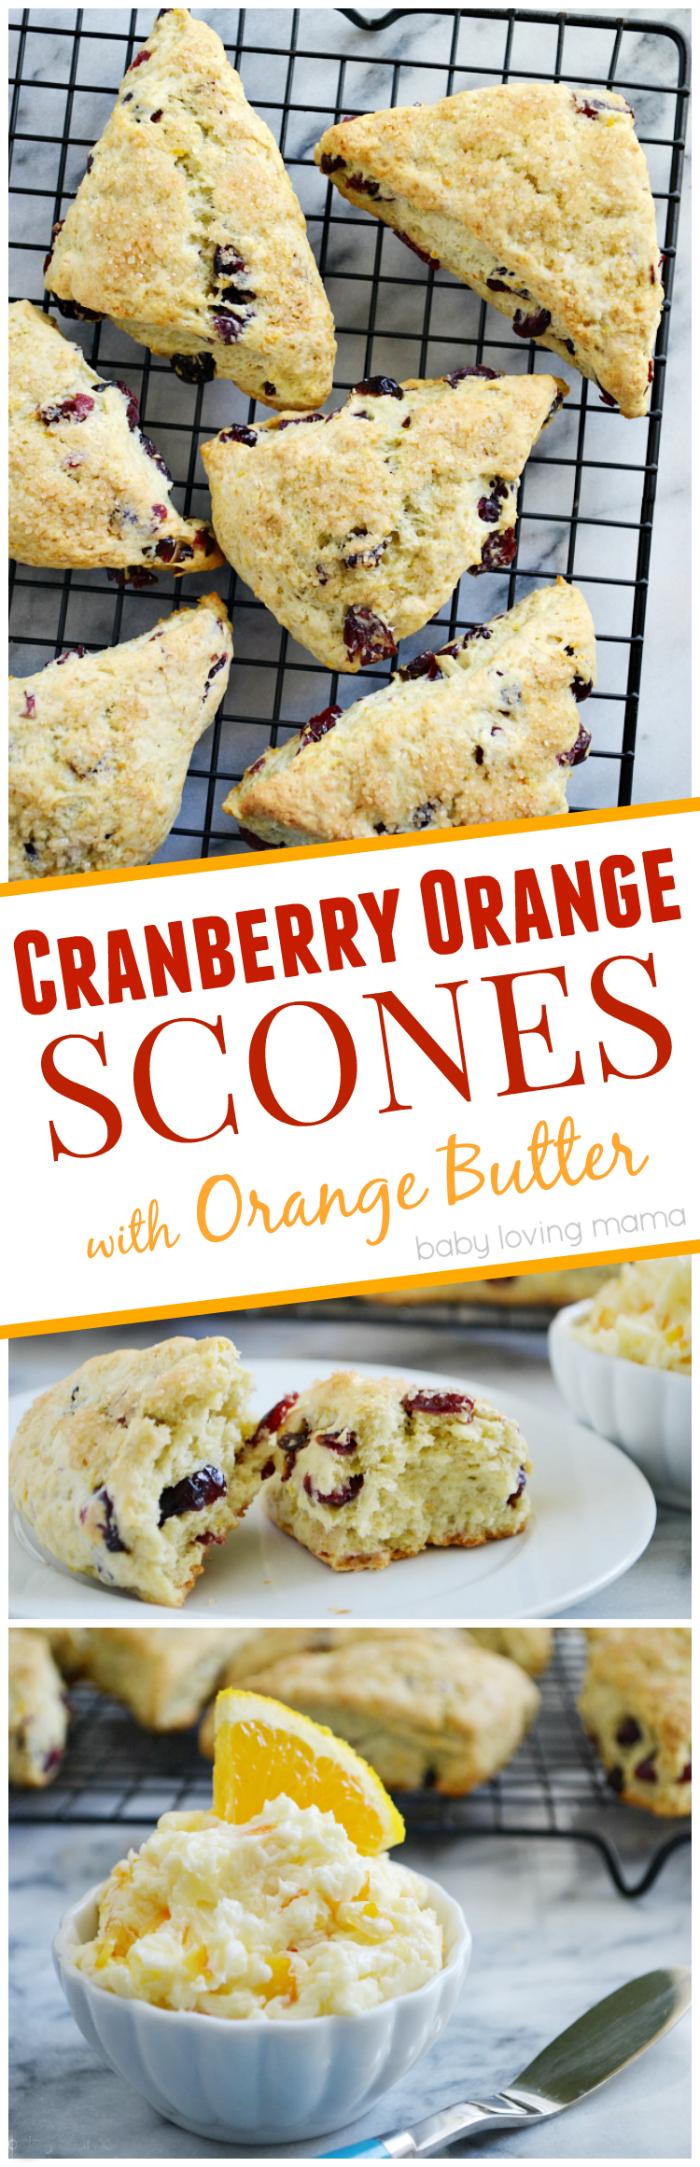 Cranberry Orange Scones with Orange Butter #REALSeal - Finding Zest